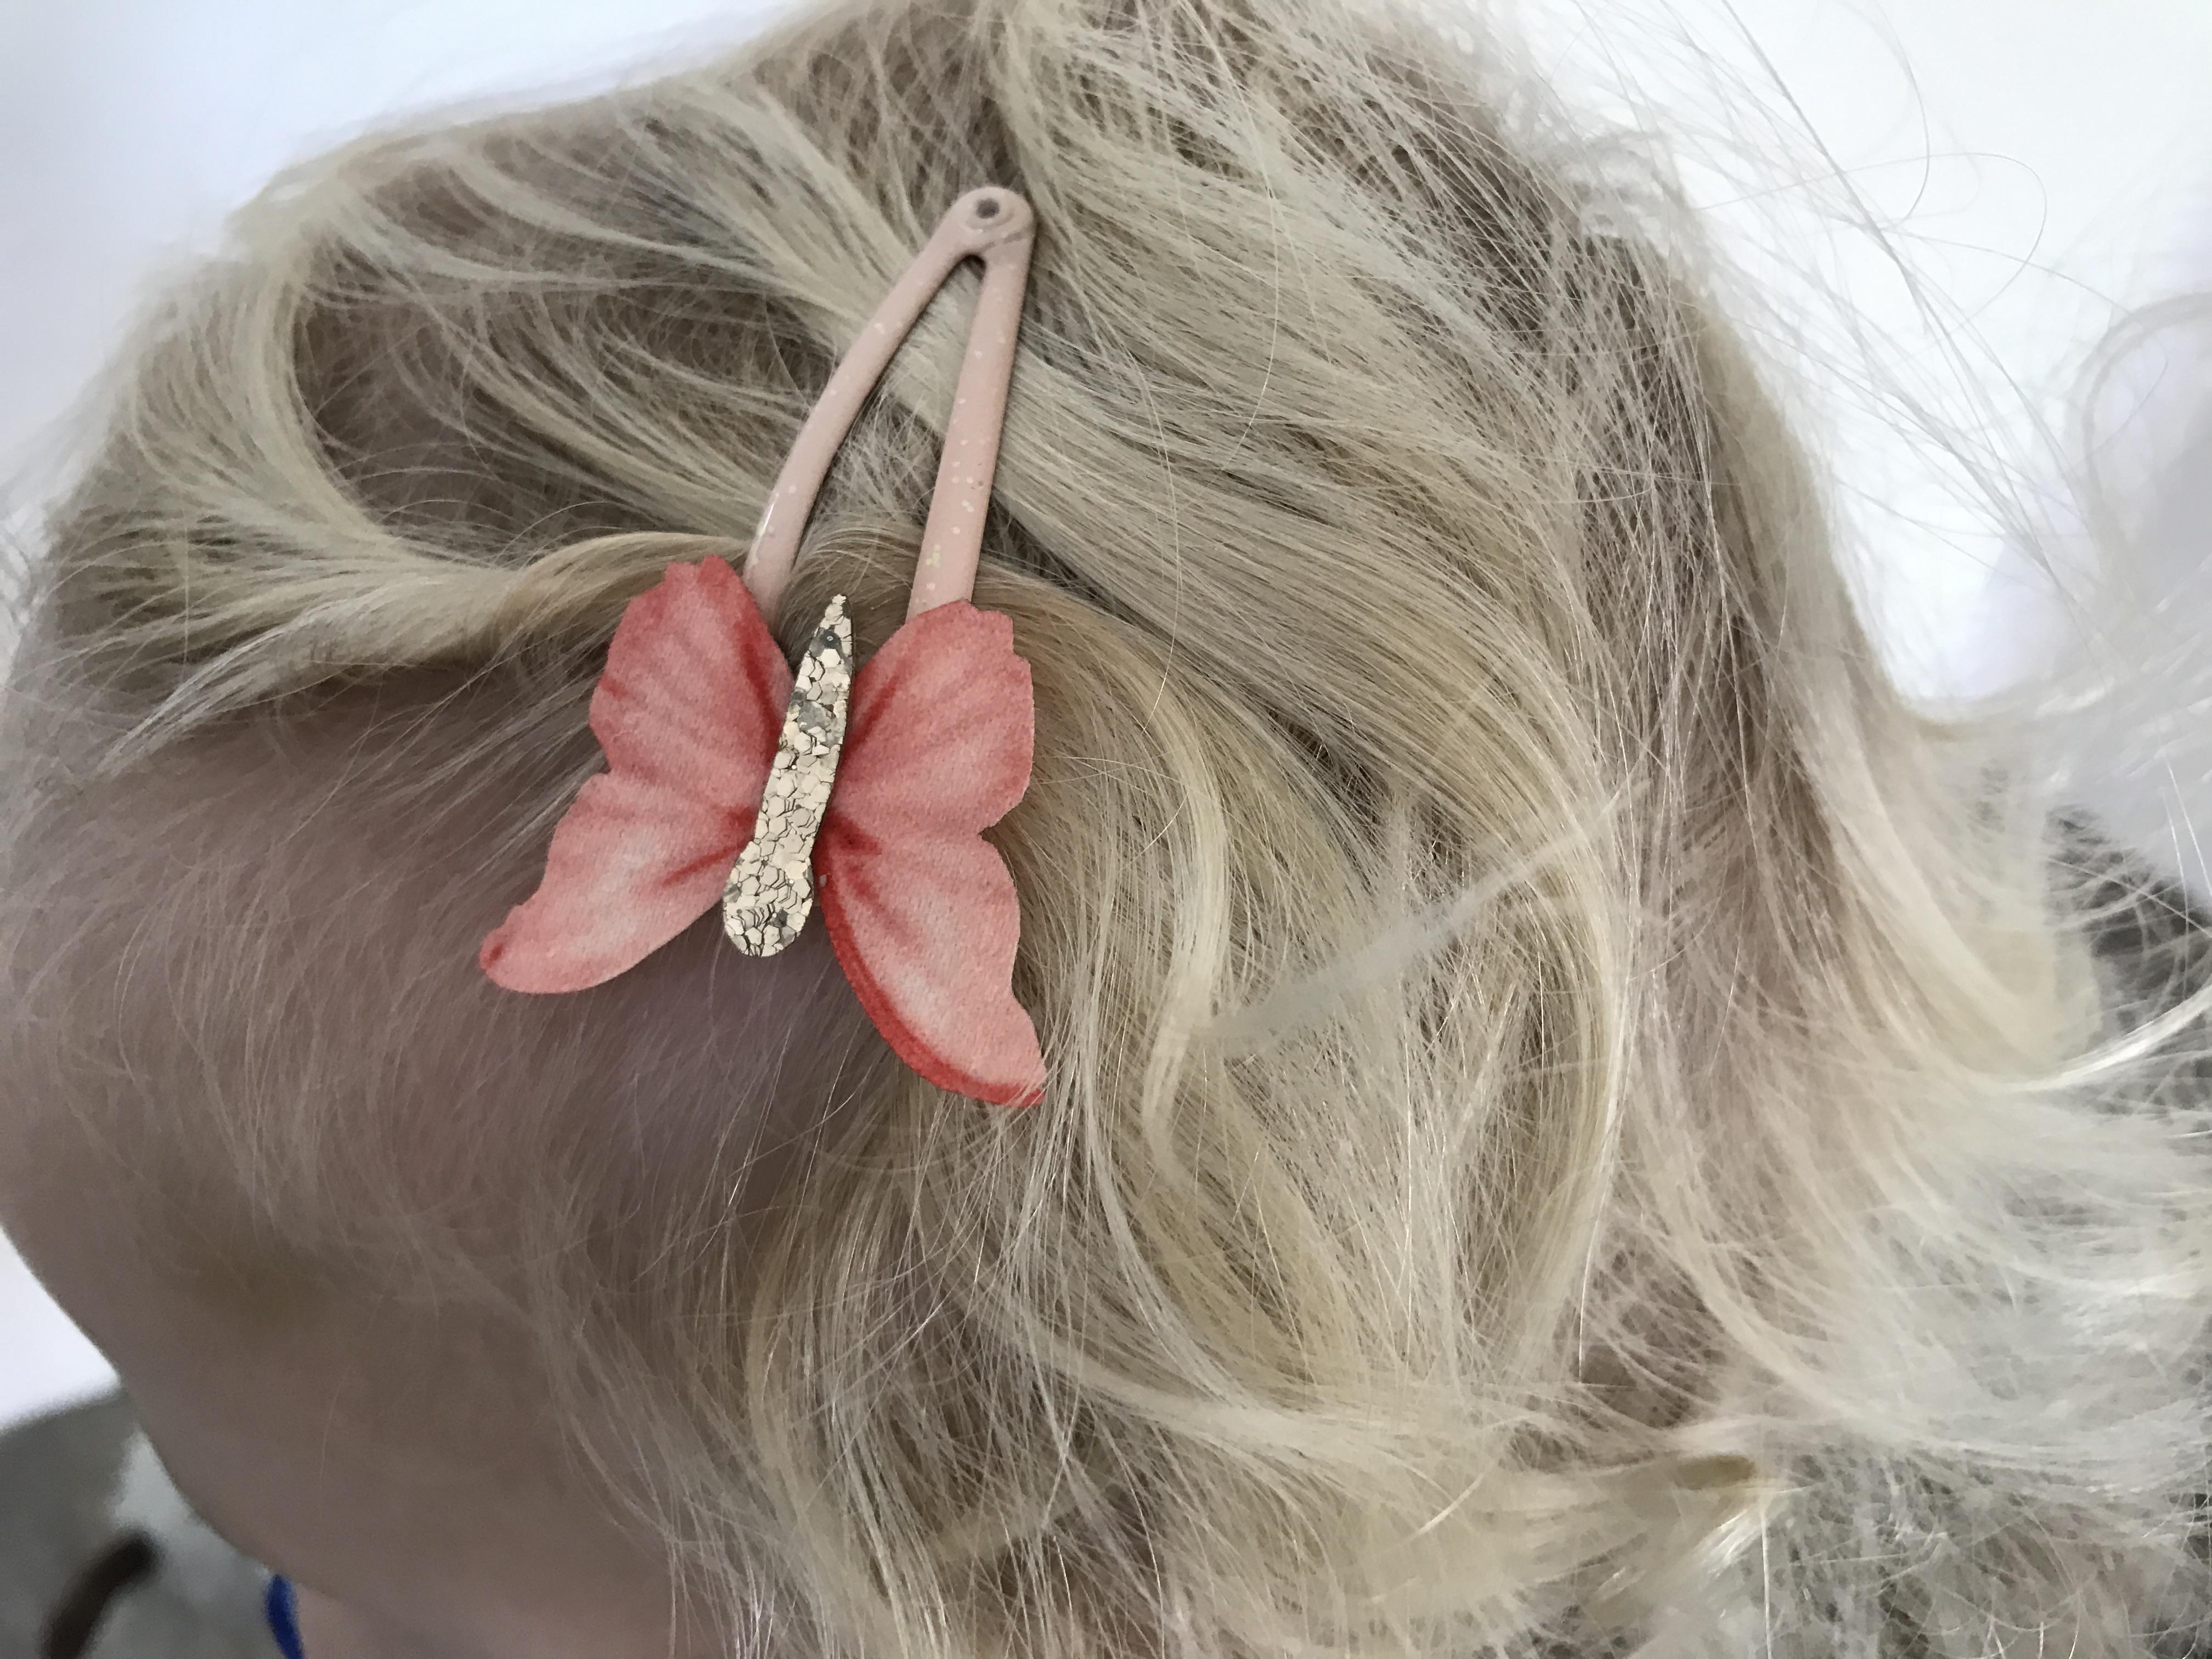 10-16-zenner-haar-accessoires-klipjes-haarspeldjes-speldjes-roze-sweet-native-meisjes-vlinder-strik-kinderen-baby-haren-nanny-moeder-amsterdam-diemen-blog-mama-vlin